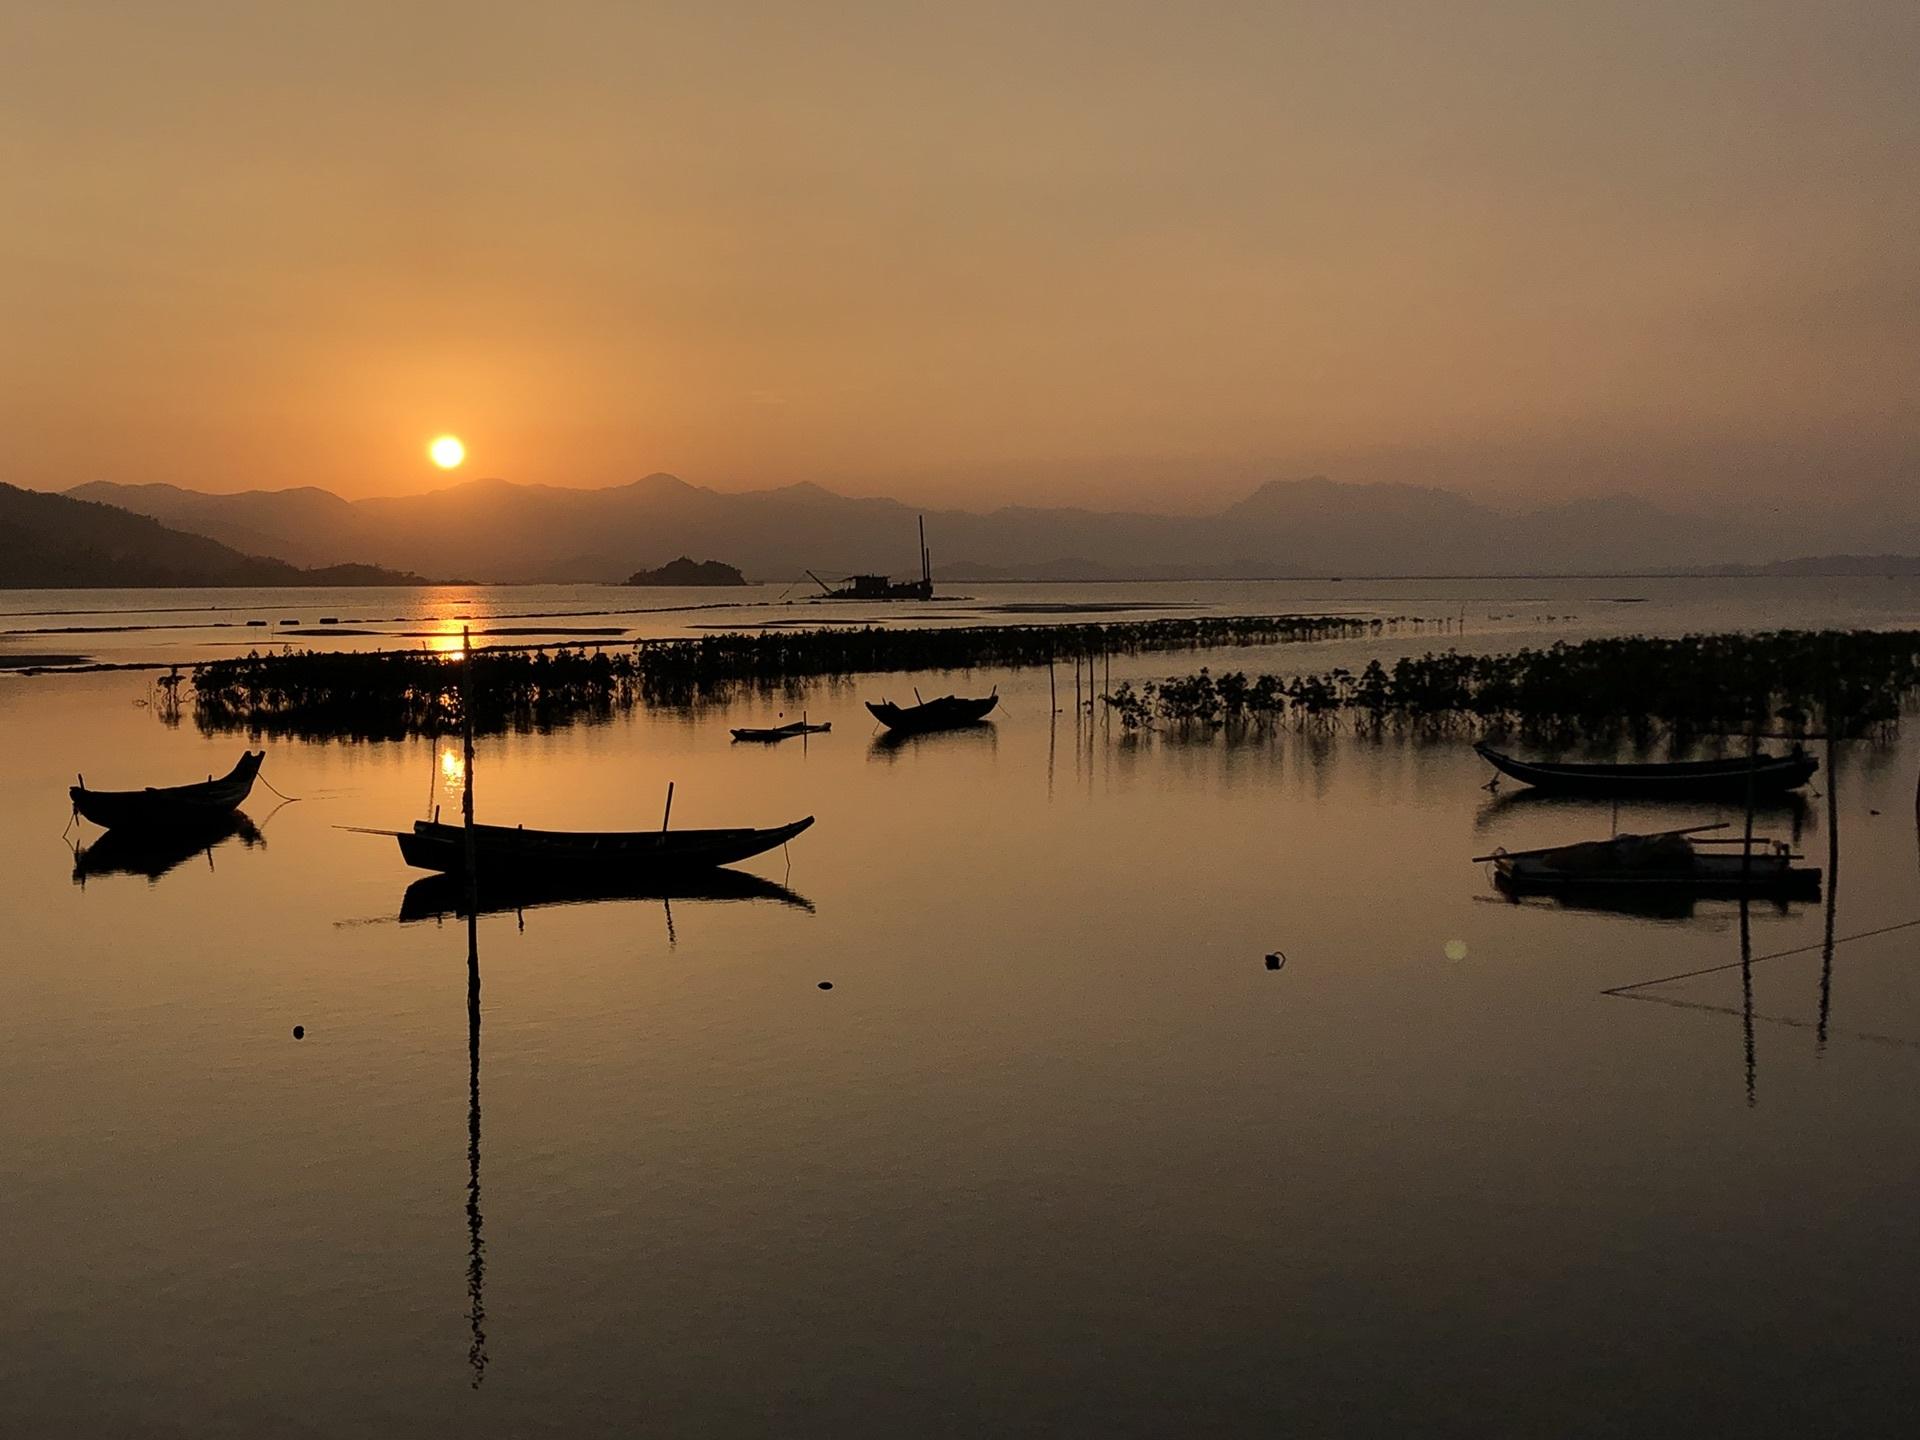 找个美丽的角落,度过安静的周末-盐洲岛